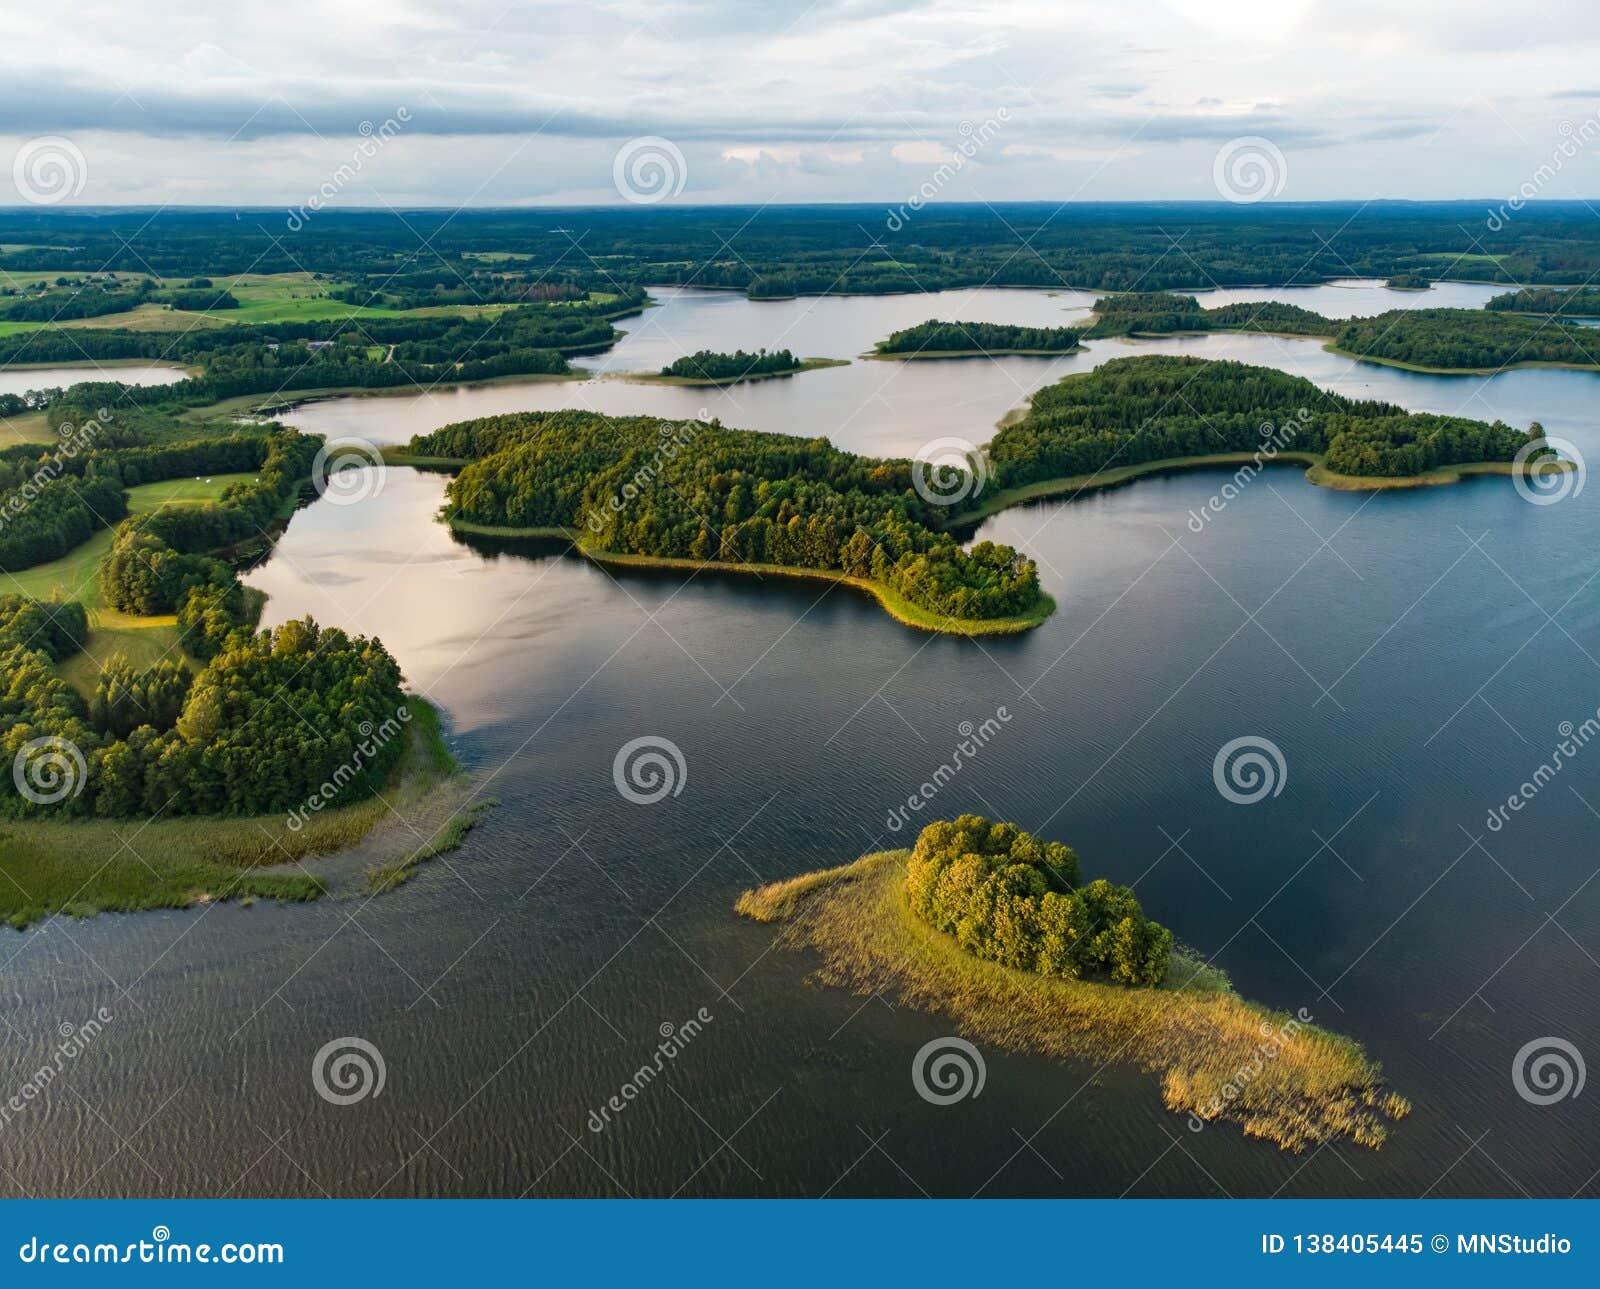 Красивые вид с воздуха региона Moletai, известный или своих озер Сценарный ландшафт вечера лета в Литве